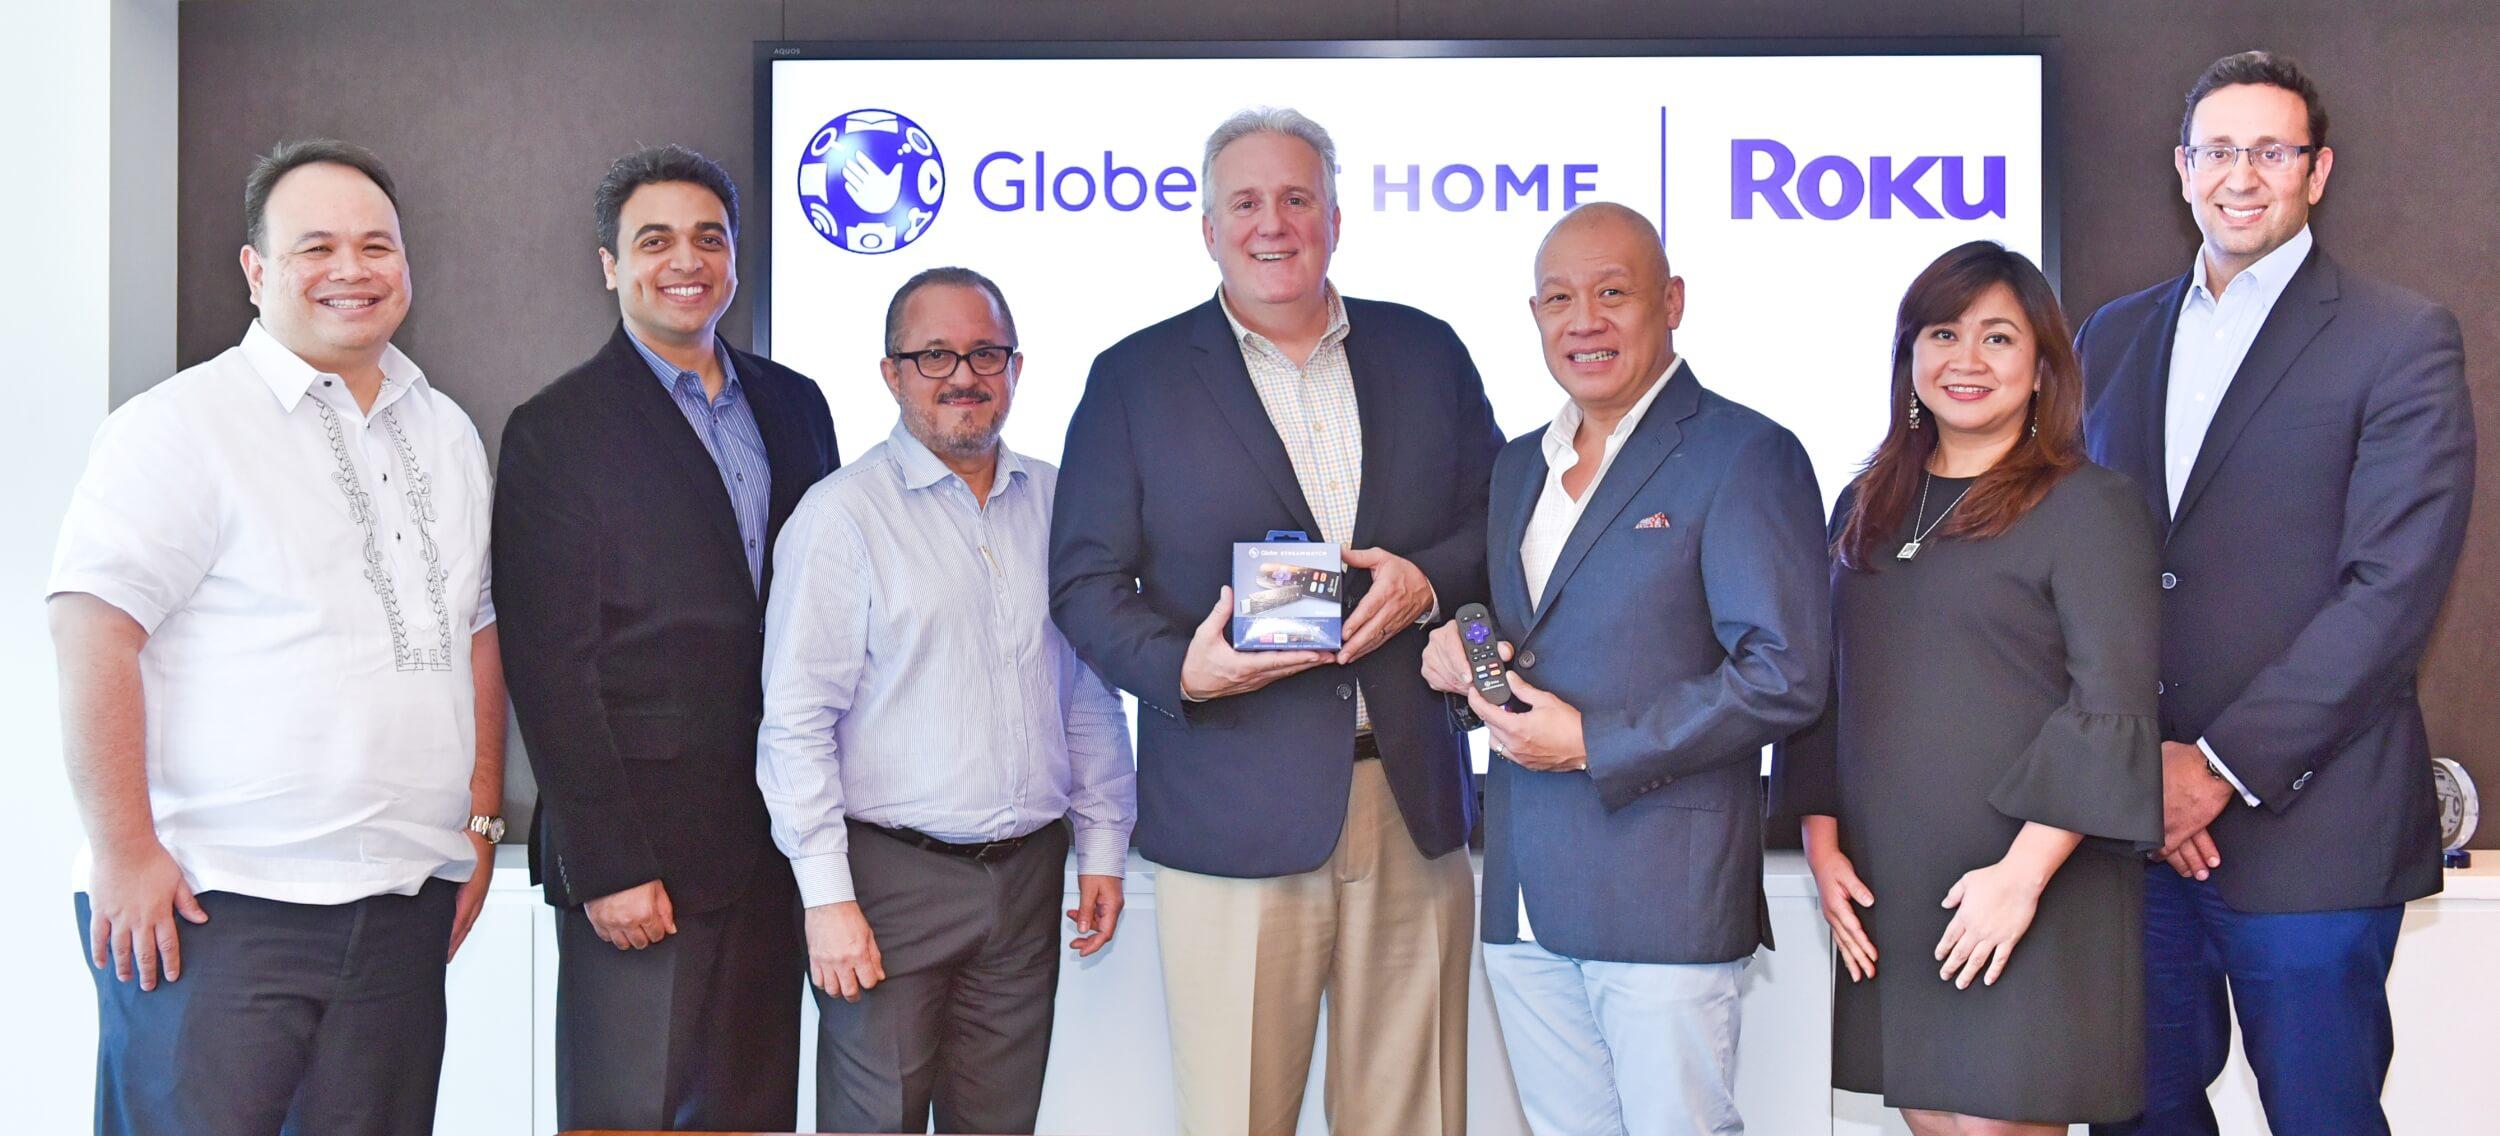 Roku Globe